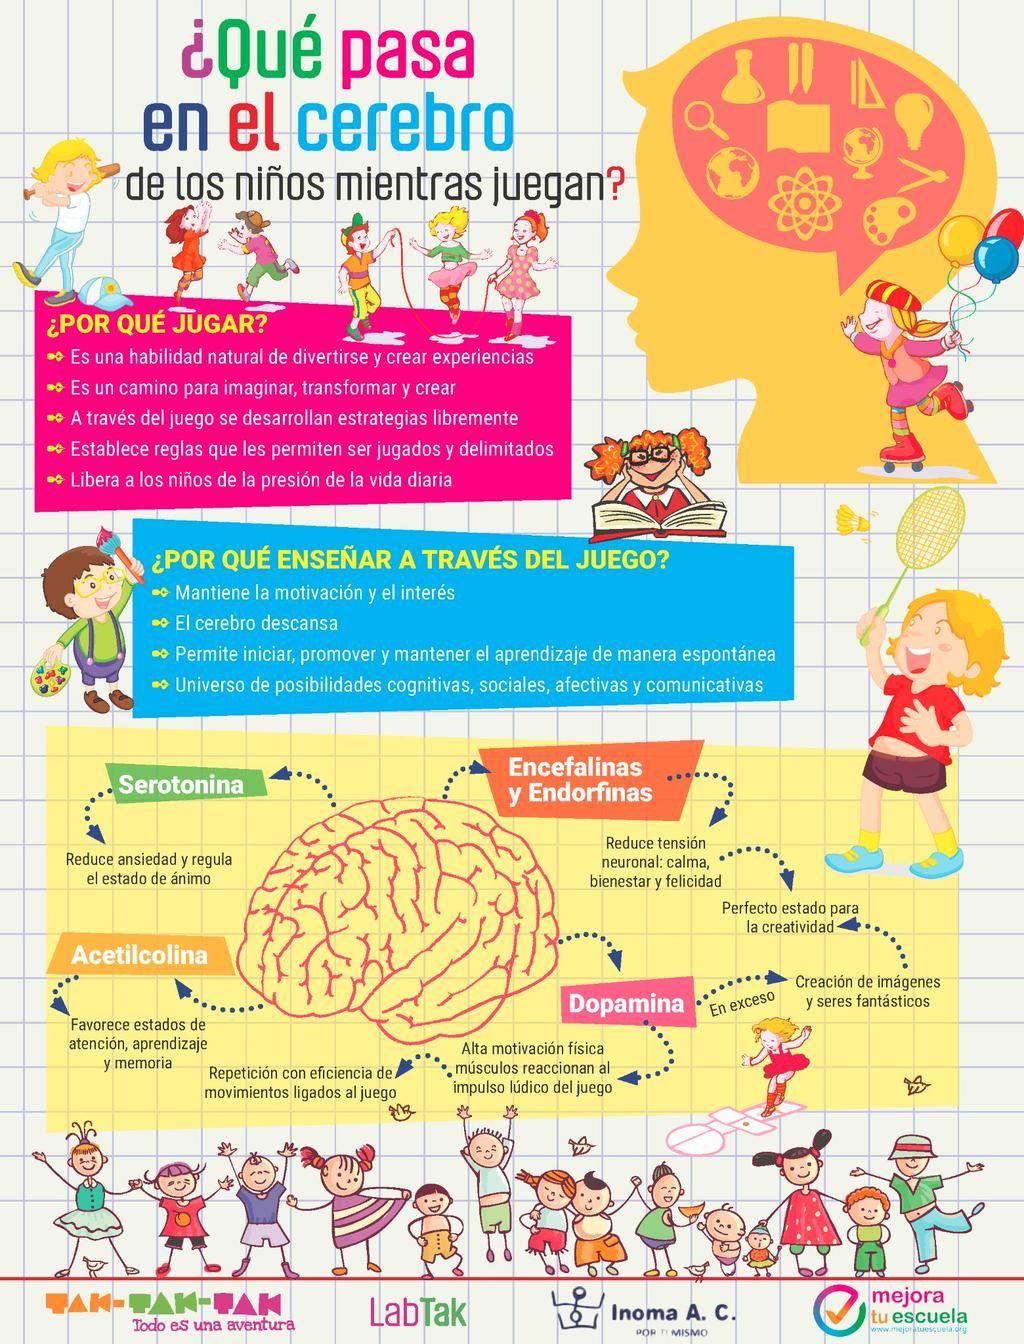 ¿Qué pasa en el cerebro de los #niños mientras juegan? http://ow.ly/GOBCb #MejoraTuEscuela #Educación